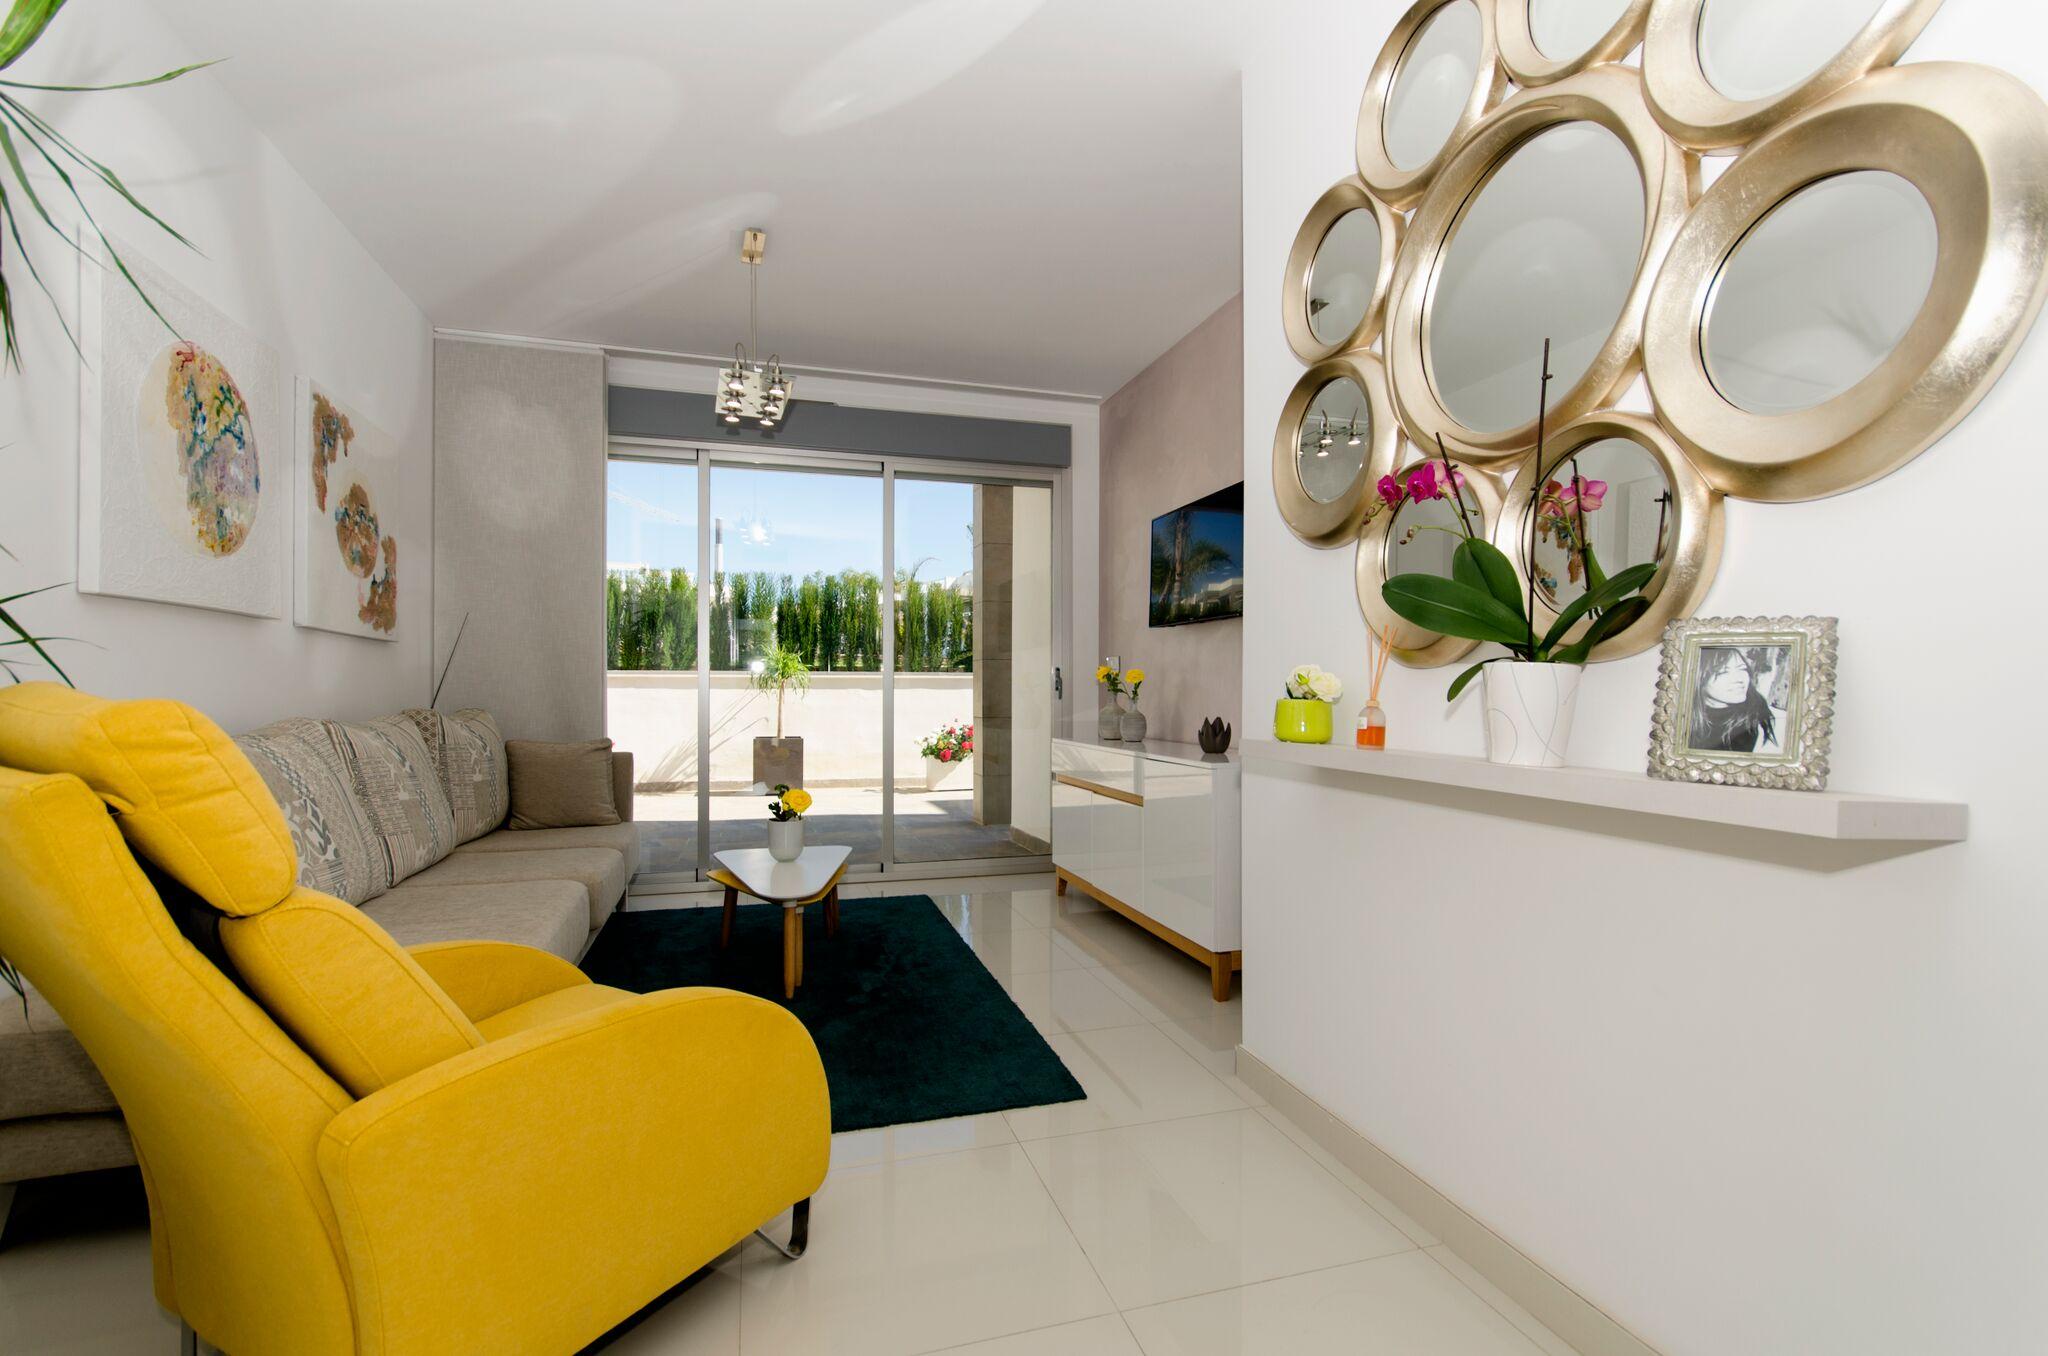 kf943113: Apartment for sale in Los Altos Orihuela Costa